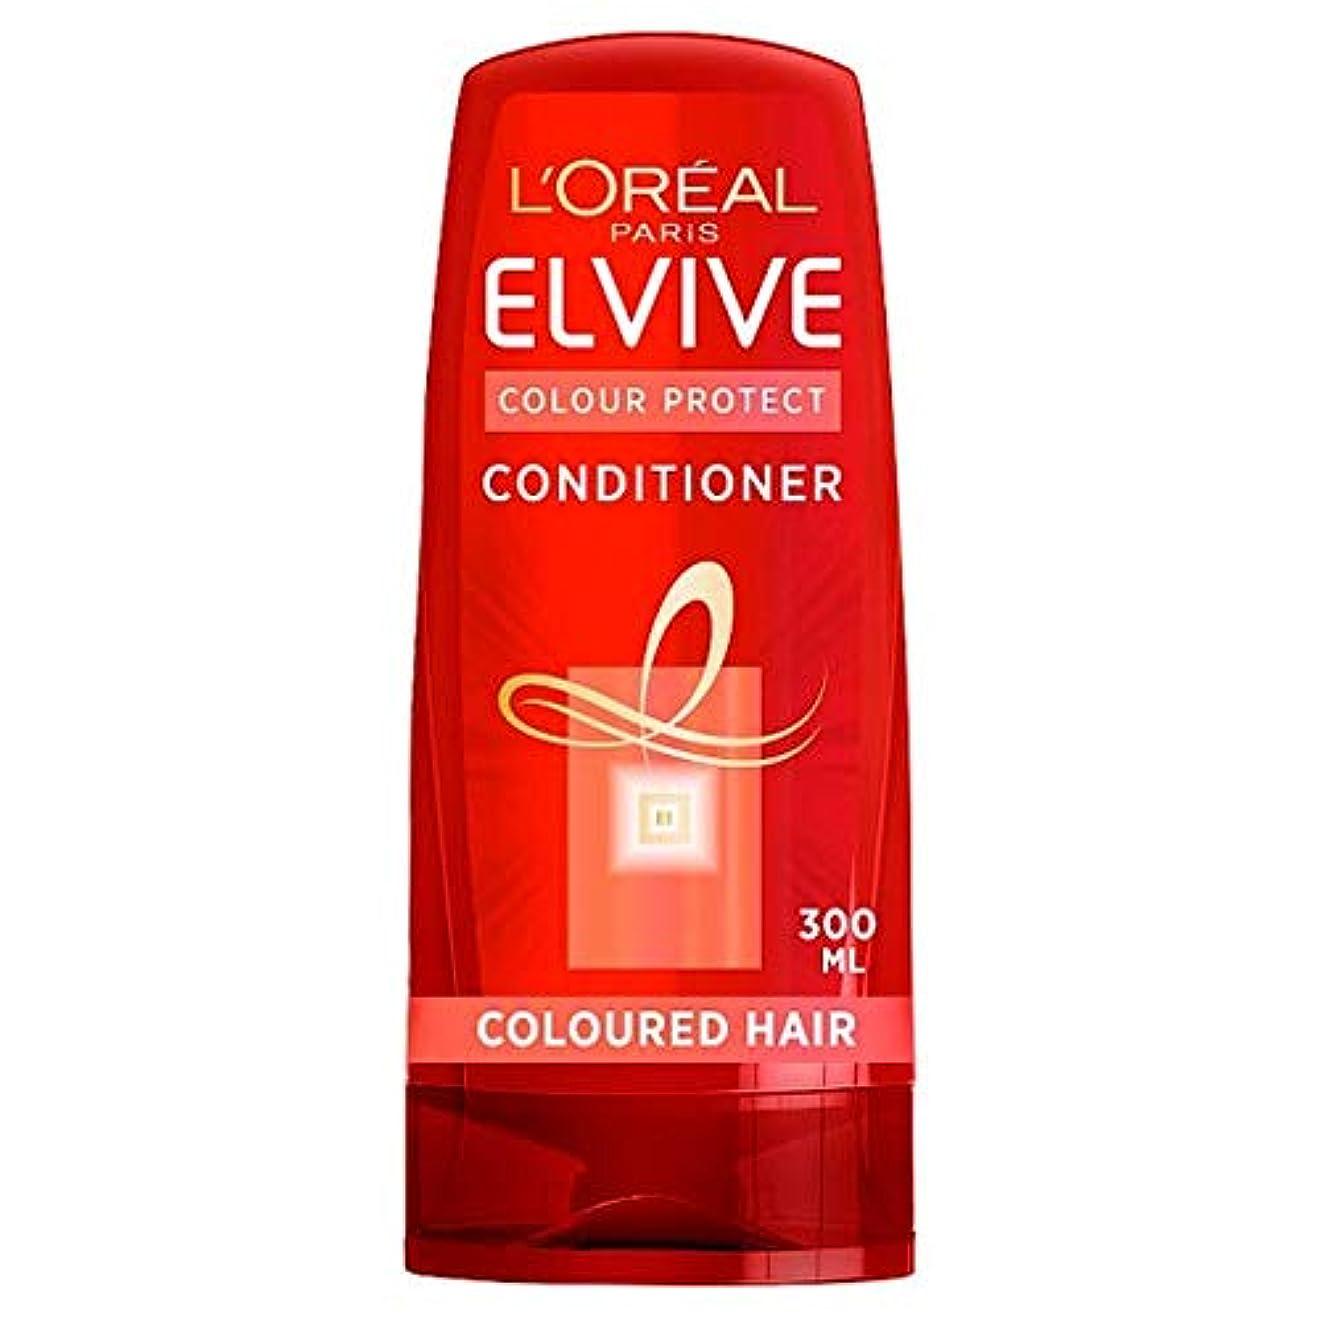 鮮やかなバリケードエレベーター[Elvive] ロレアルElvive色の保護ヘアコンディショナー300ミリリットル - L'oreal Elvive Coloured Protection Hair Conditioner 300Ml [並行輸入品]